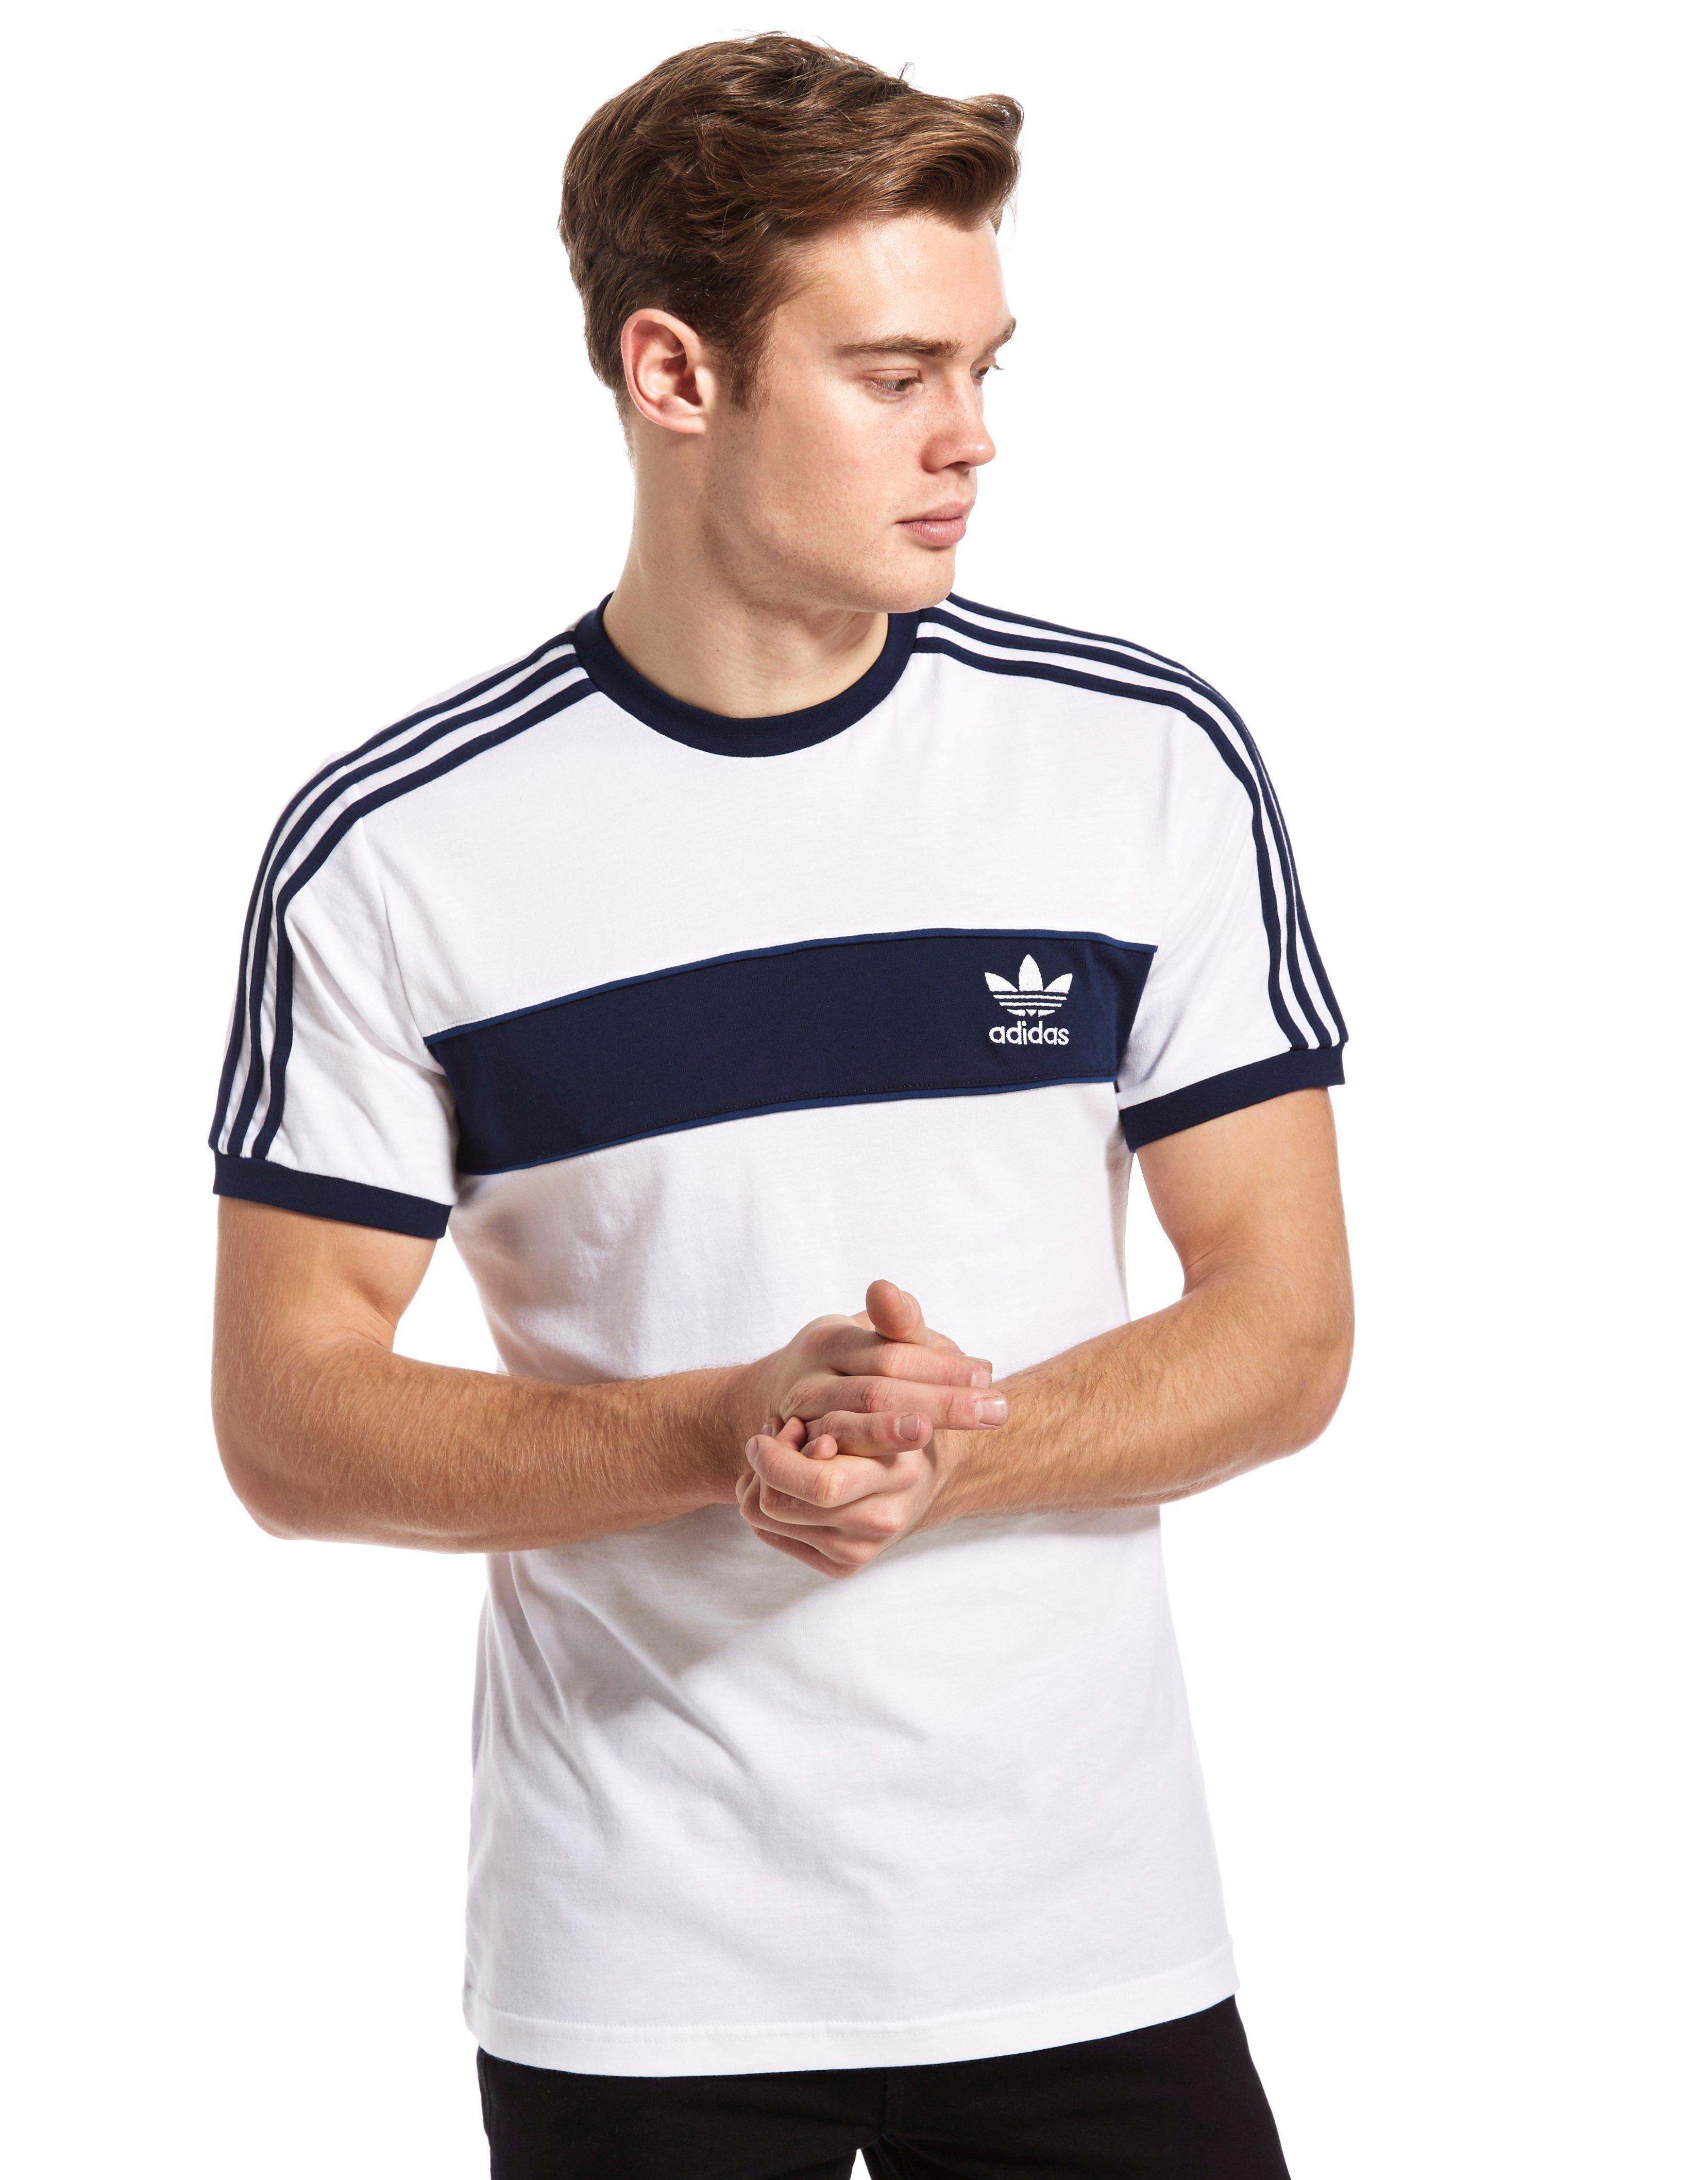 Lyst Adidas Originals Mexico Panel camiseta en camiseta en 19958 azul para hombre b4bcecd - temperaturamning.website